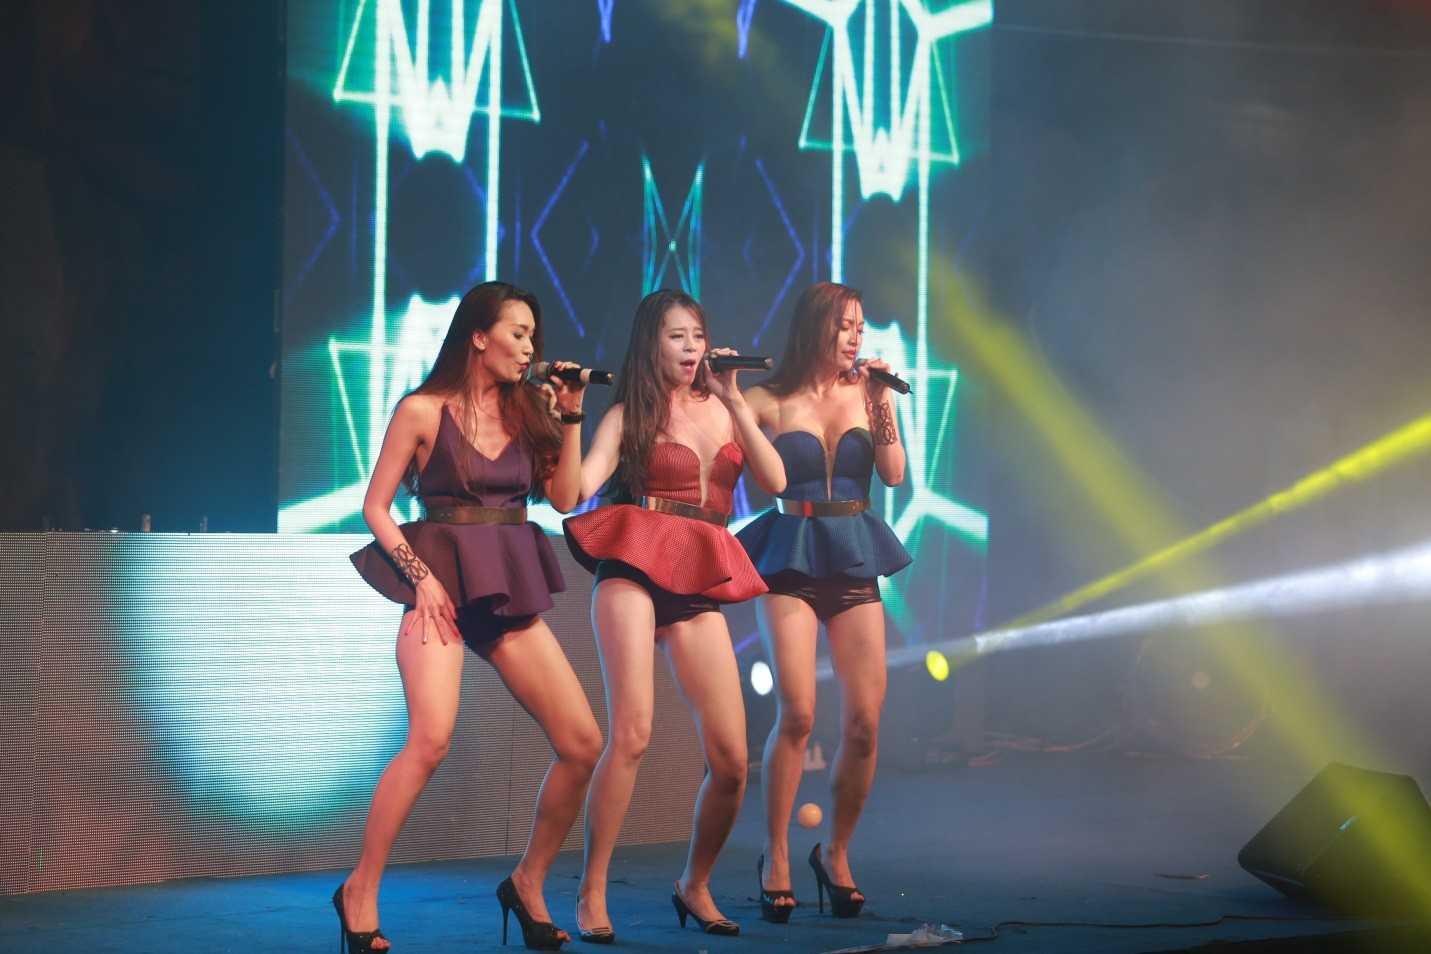 Những cô gái chân dài S Model khiến bầu không khí thêm cuồng nhiệt